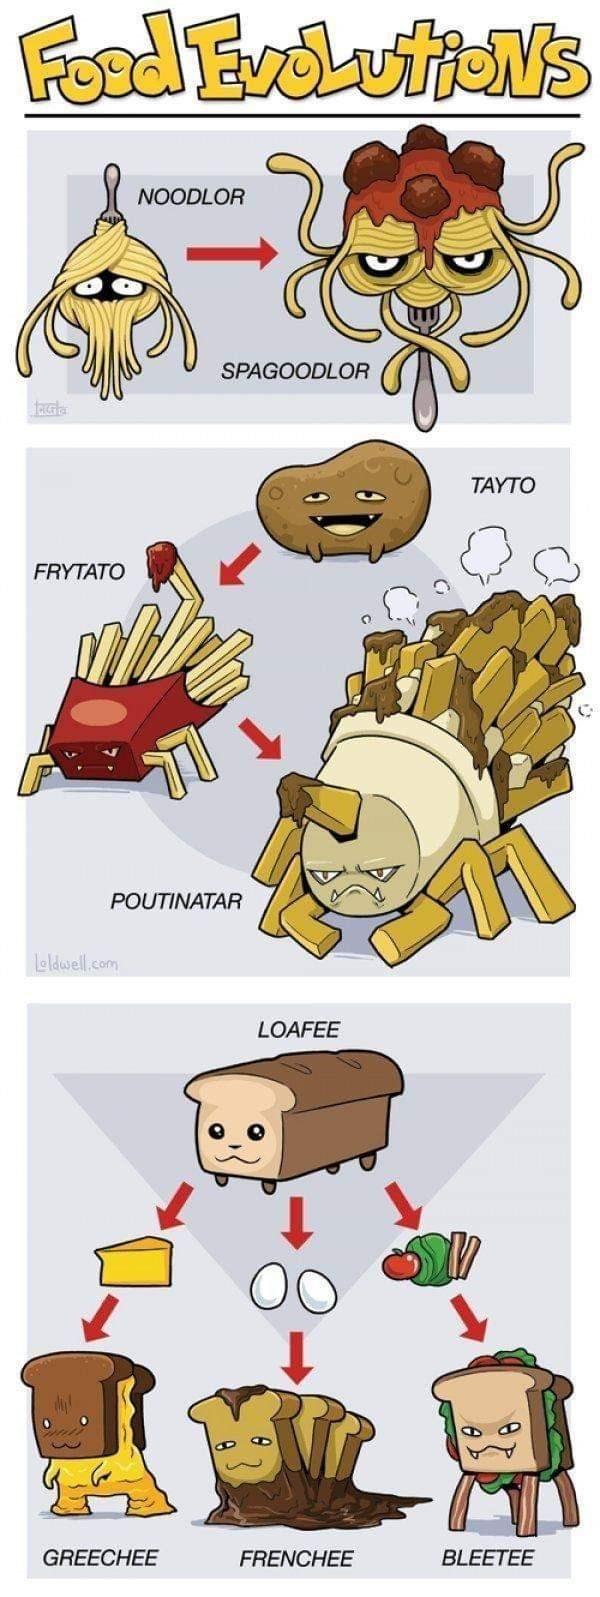 meme about foods evolving like Pokemons